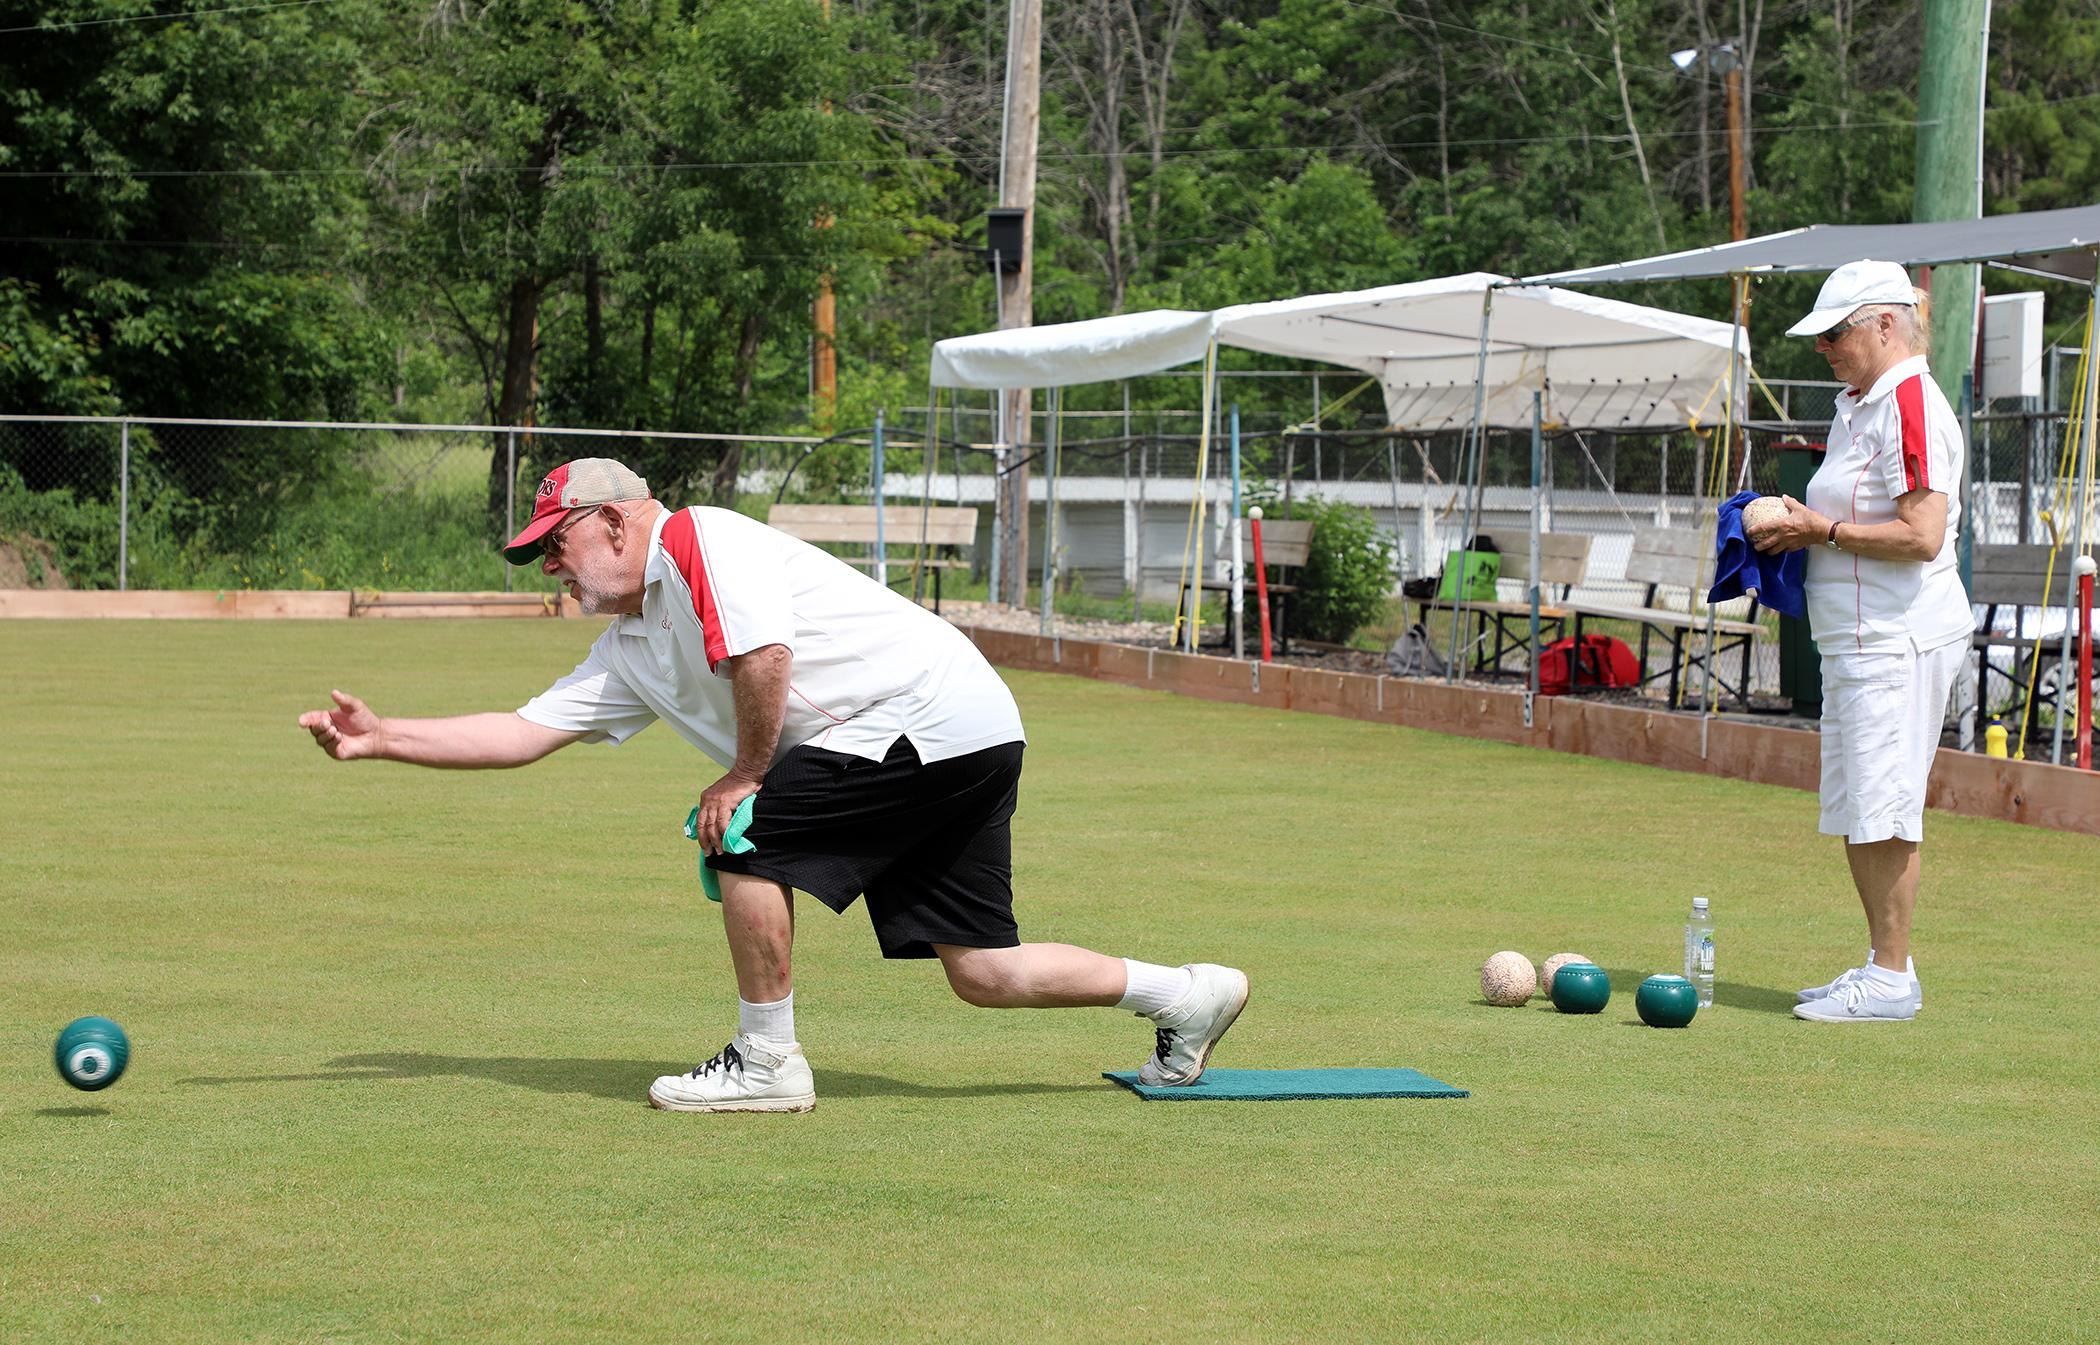 Galetta Bowls launches 2021 season